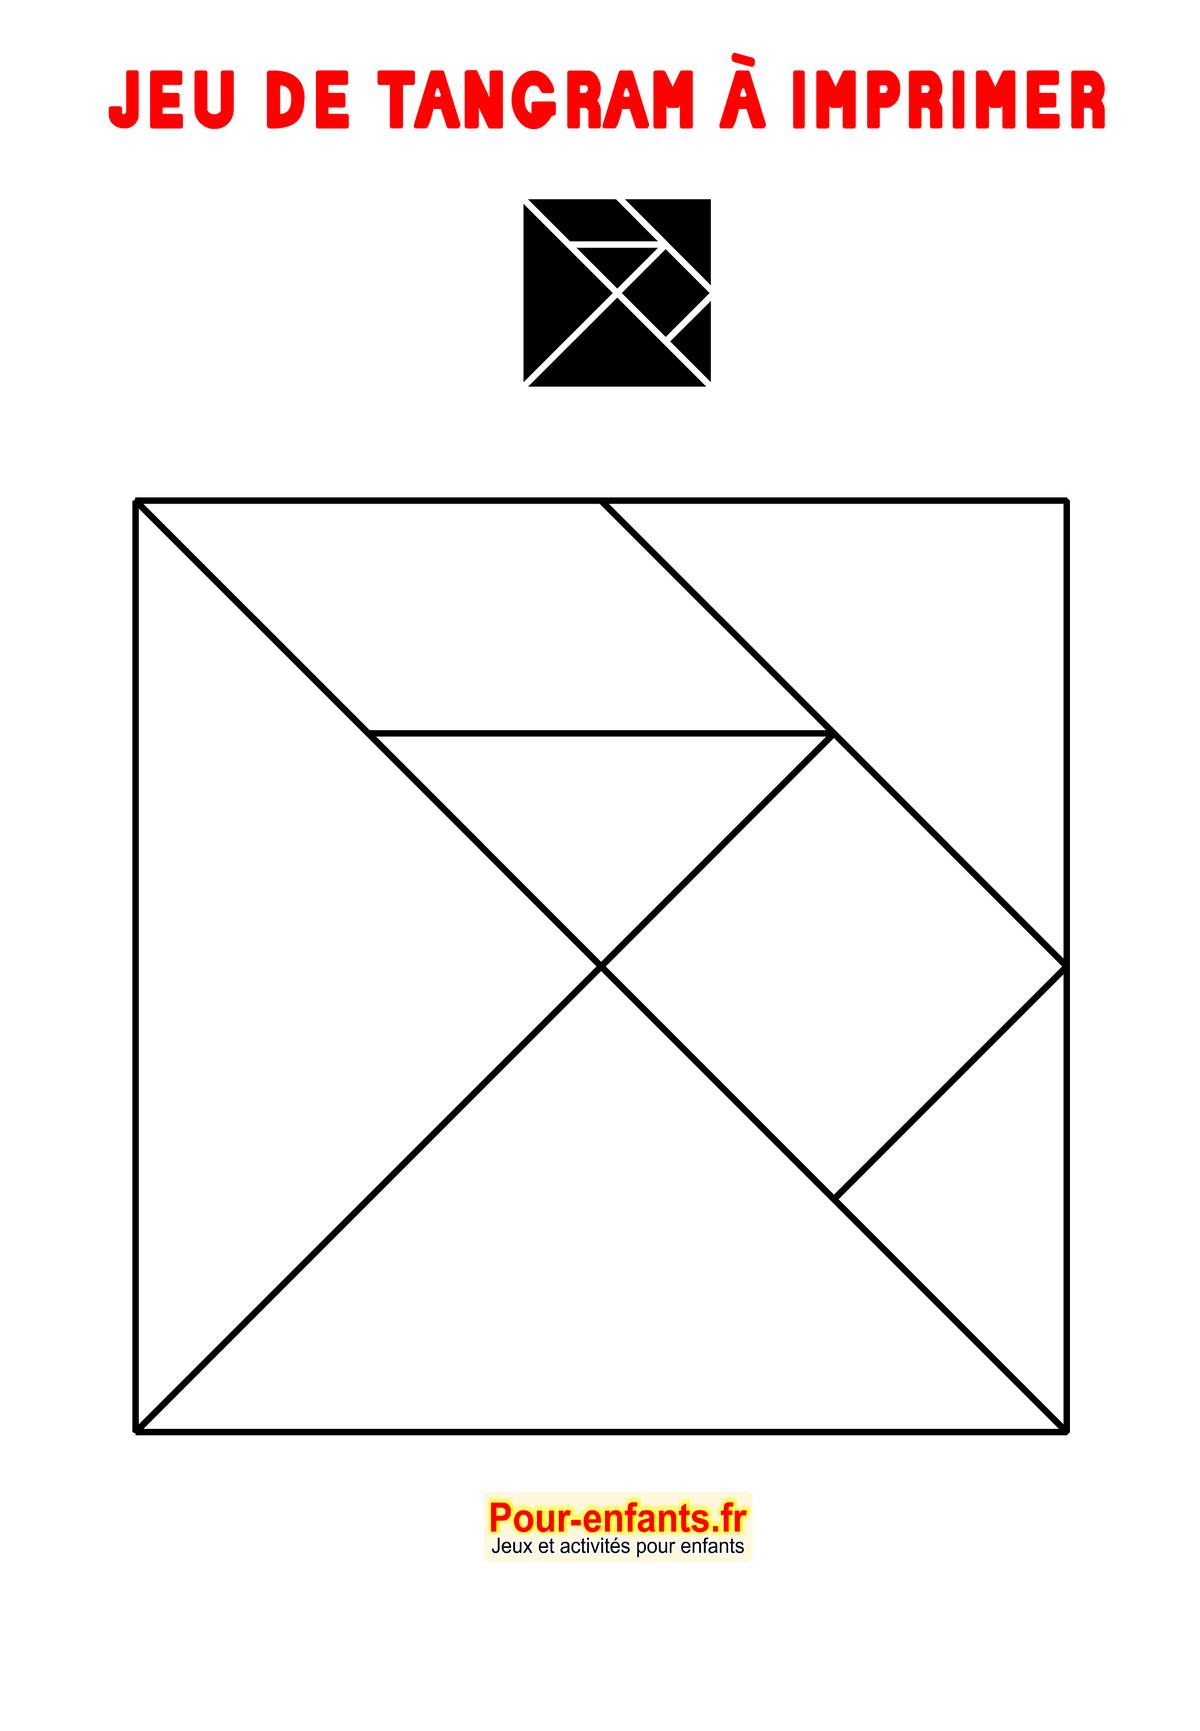 Tangram À Imprimer Maternelle Gratuit Jeux Tangrams tout Jeux Gratuit Maternelle Petite Section